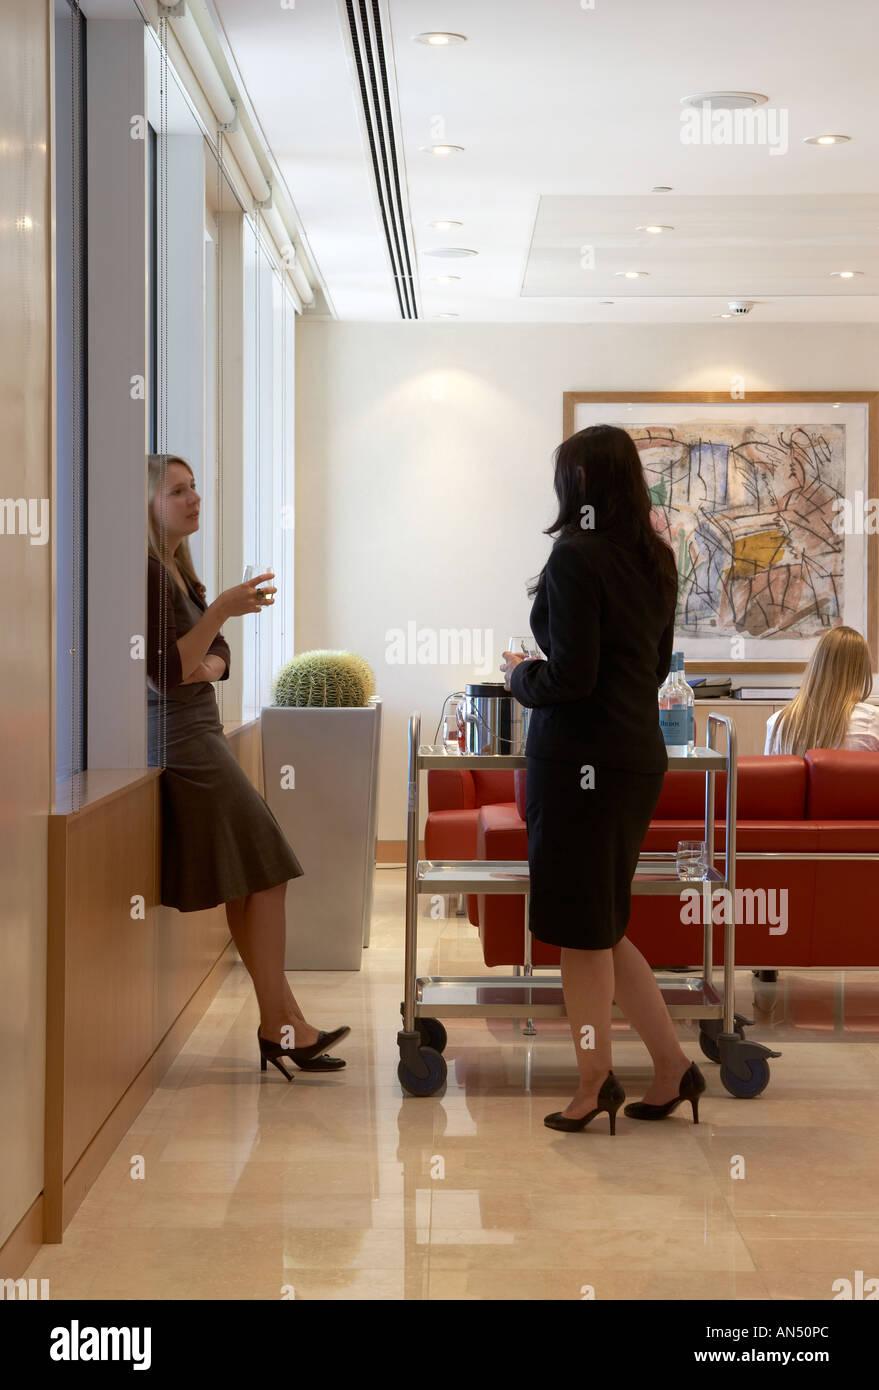 Vida de oficina e interiores de la segunda parte. Los empleados en la sala de personal hablando. Imagen De Stock